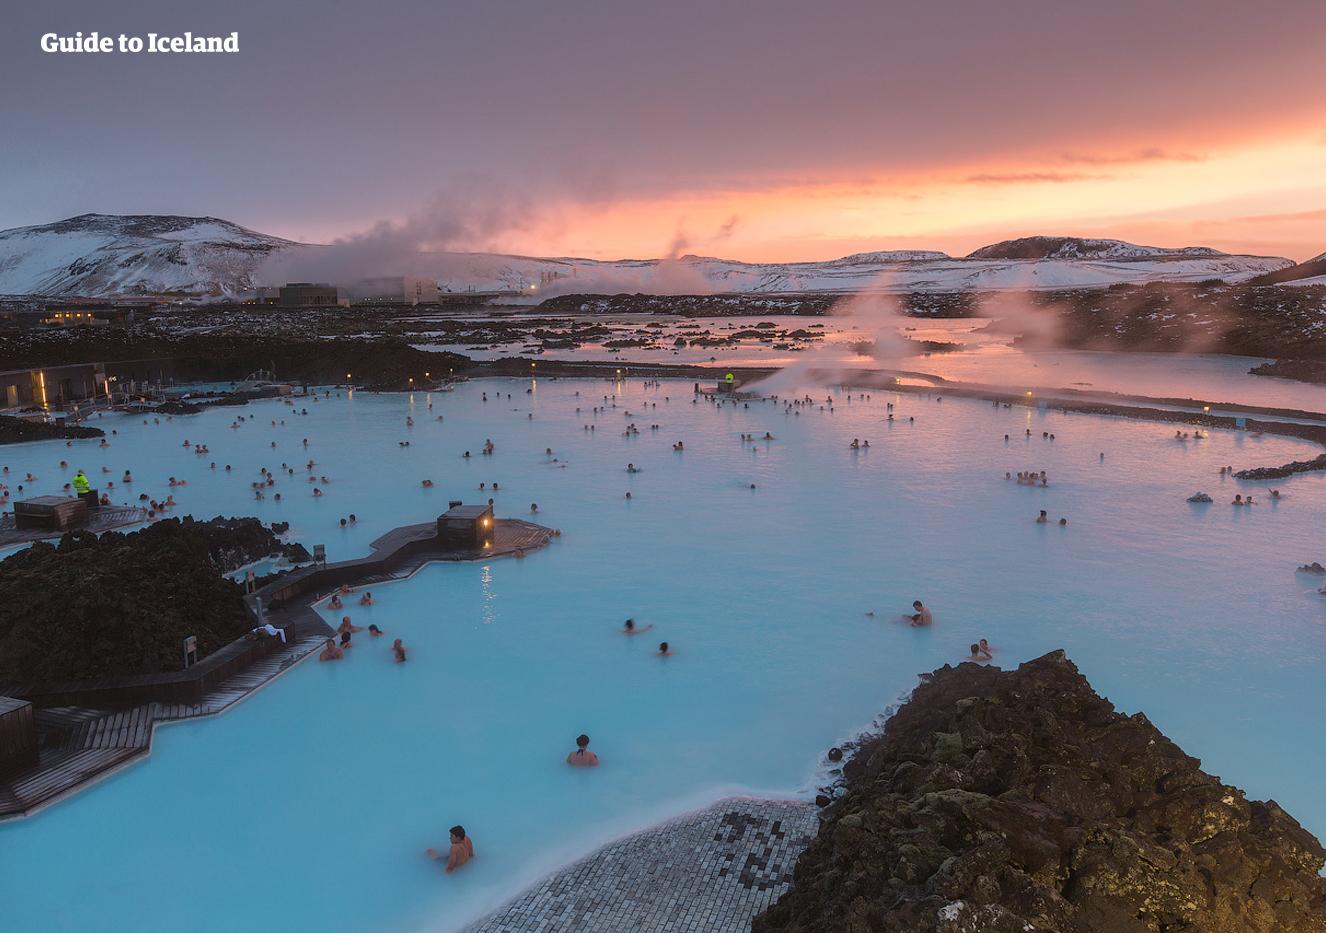 6-дневный летний автотур | Вокруг Исландии по кольцу - day 6